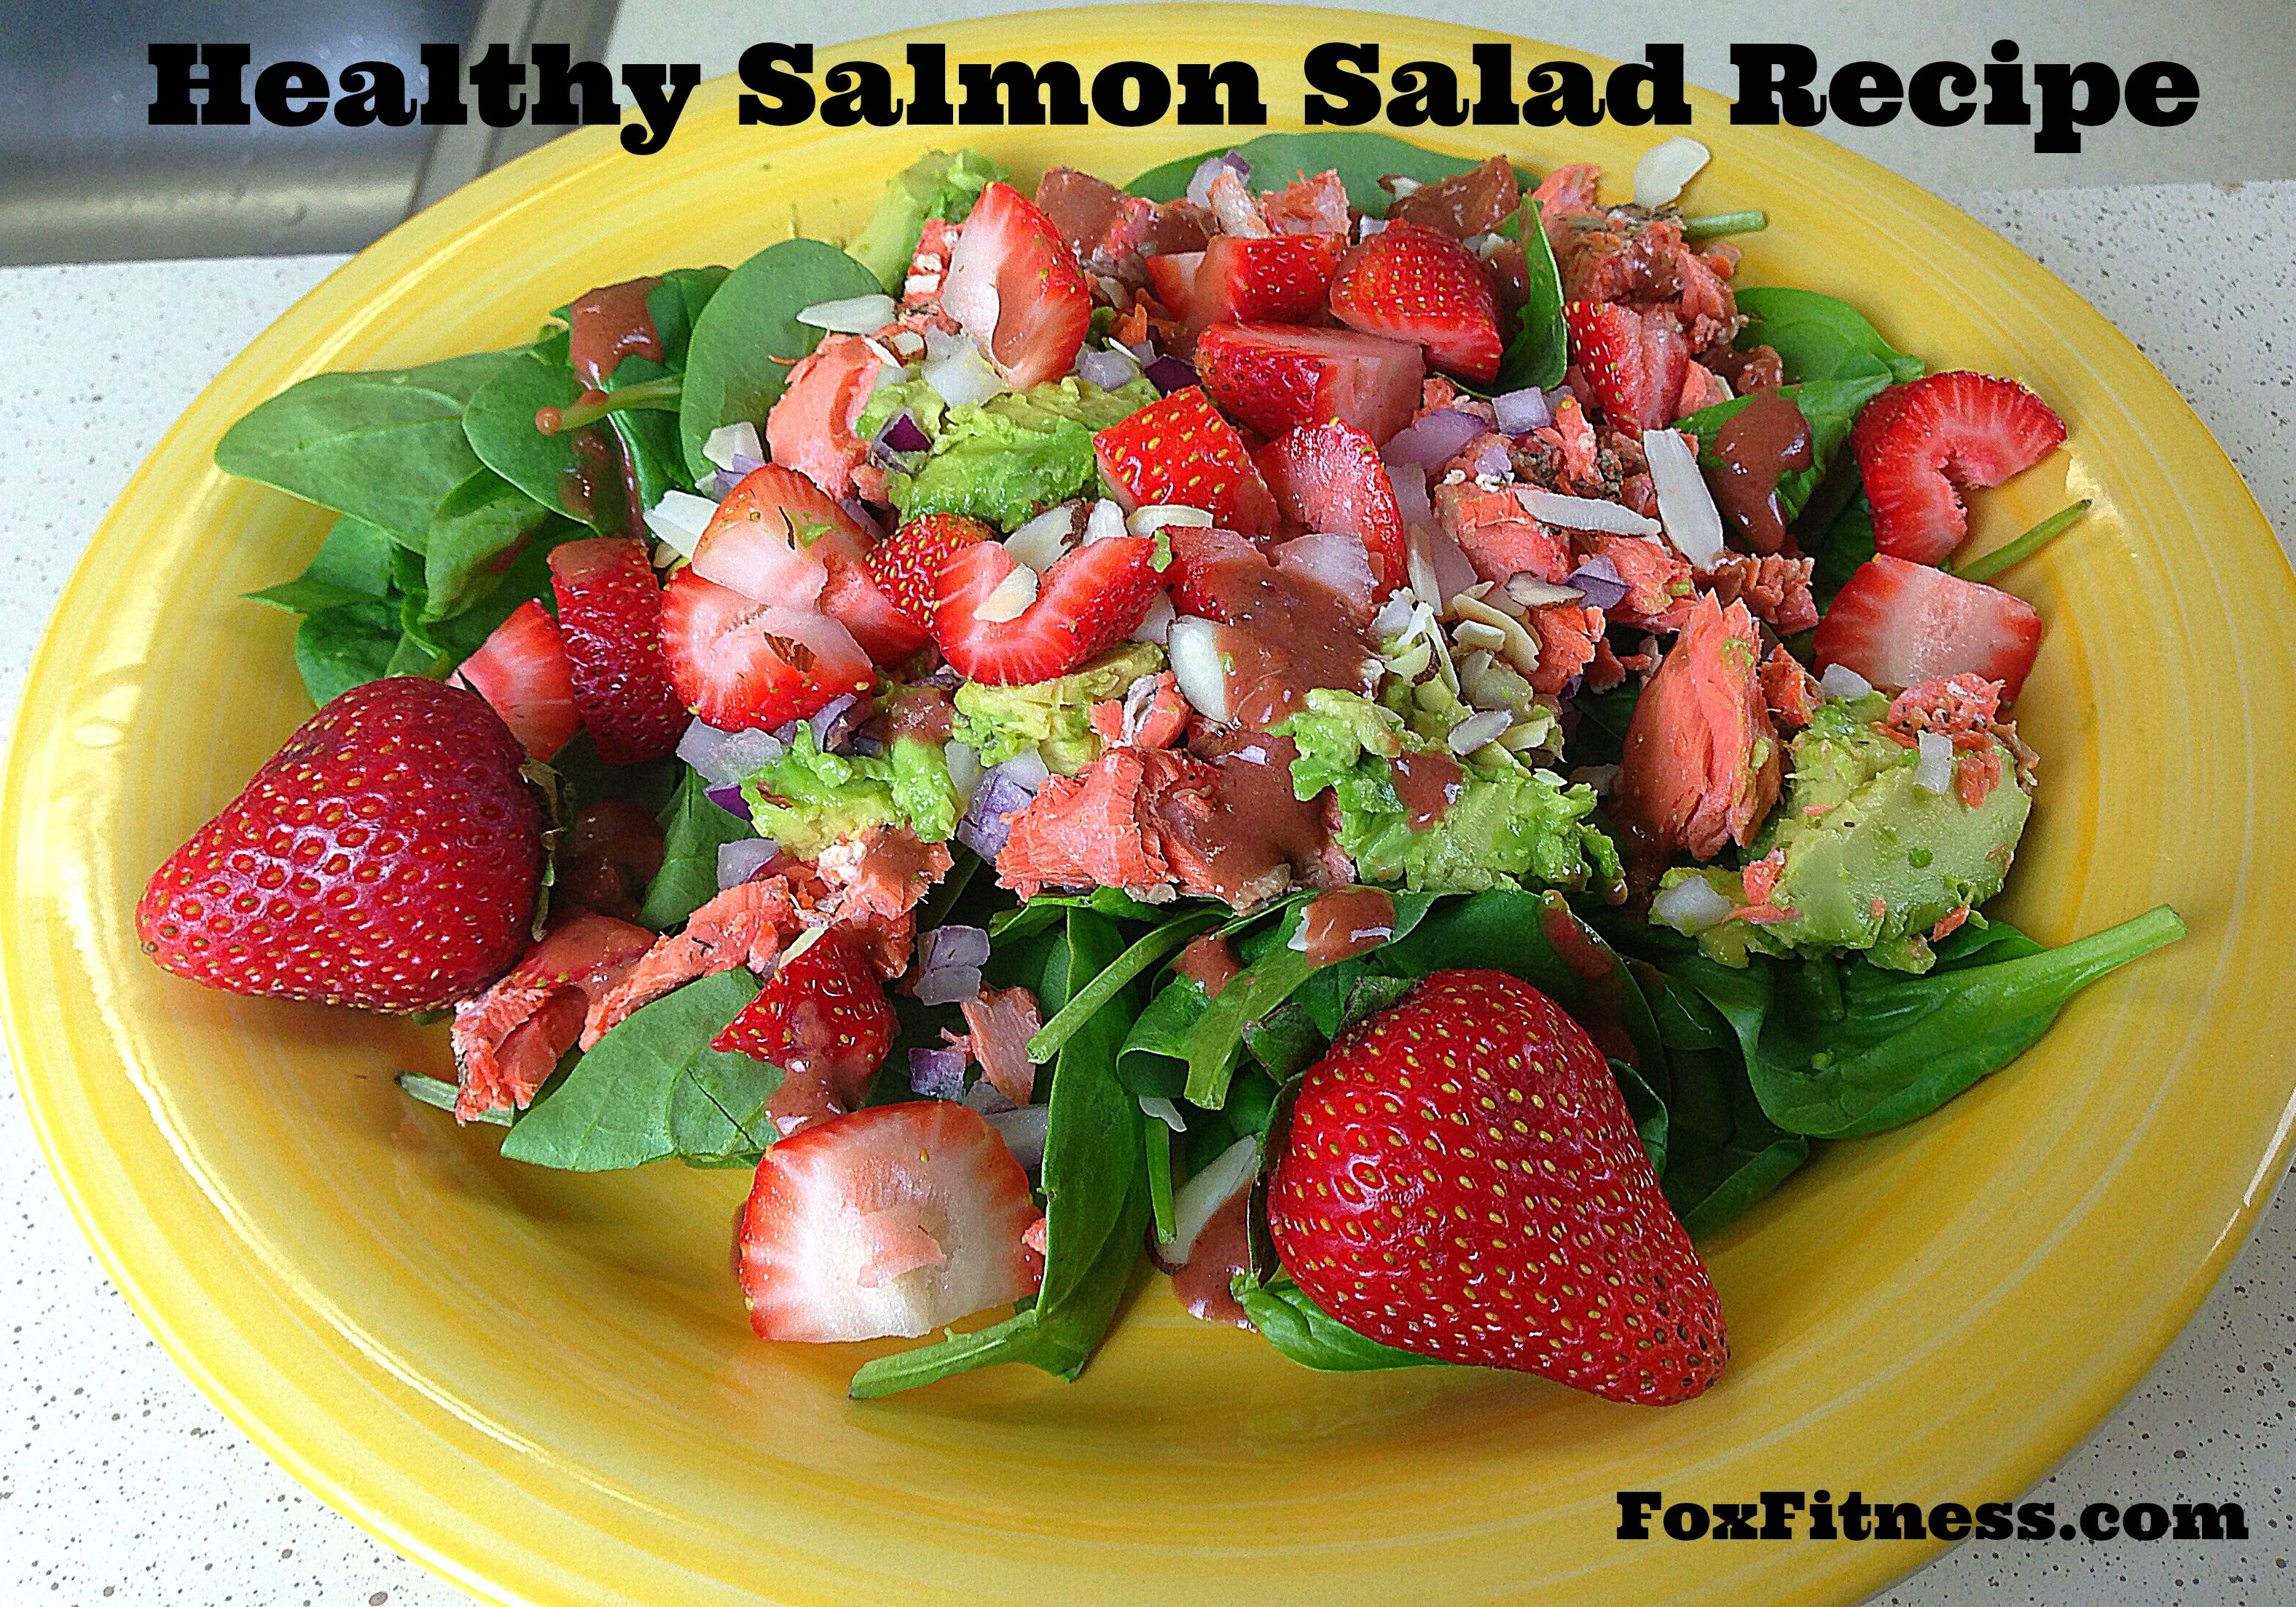 Salmon Salad Recipe Healthy  Healthy Salmon Salad Recipe